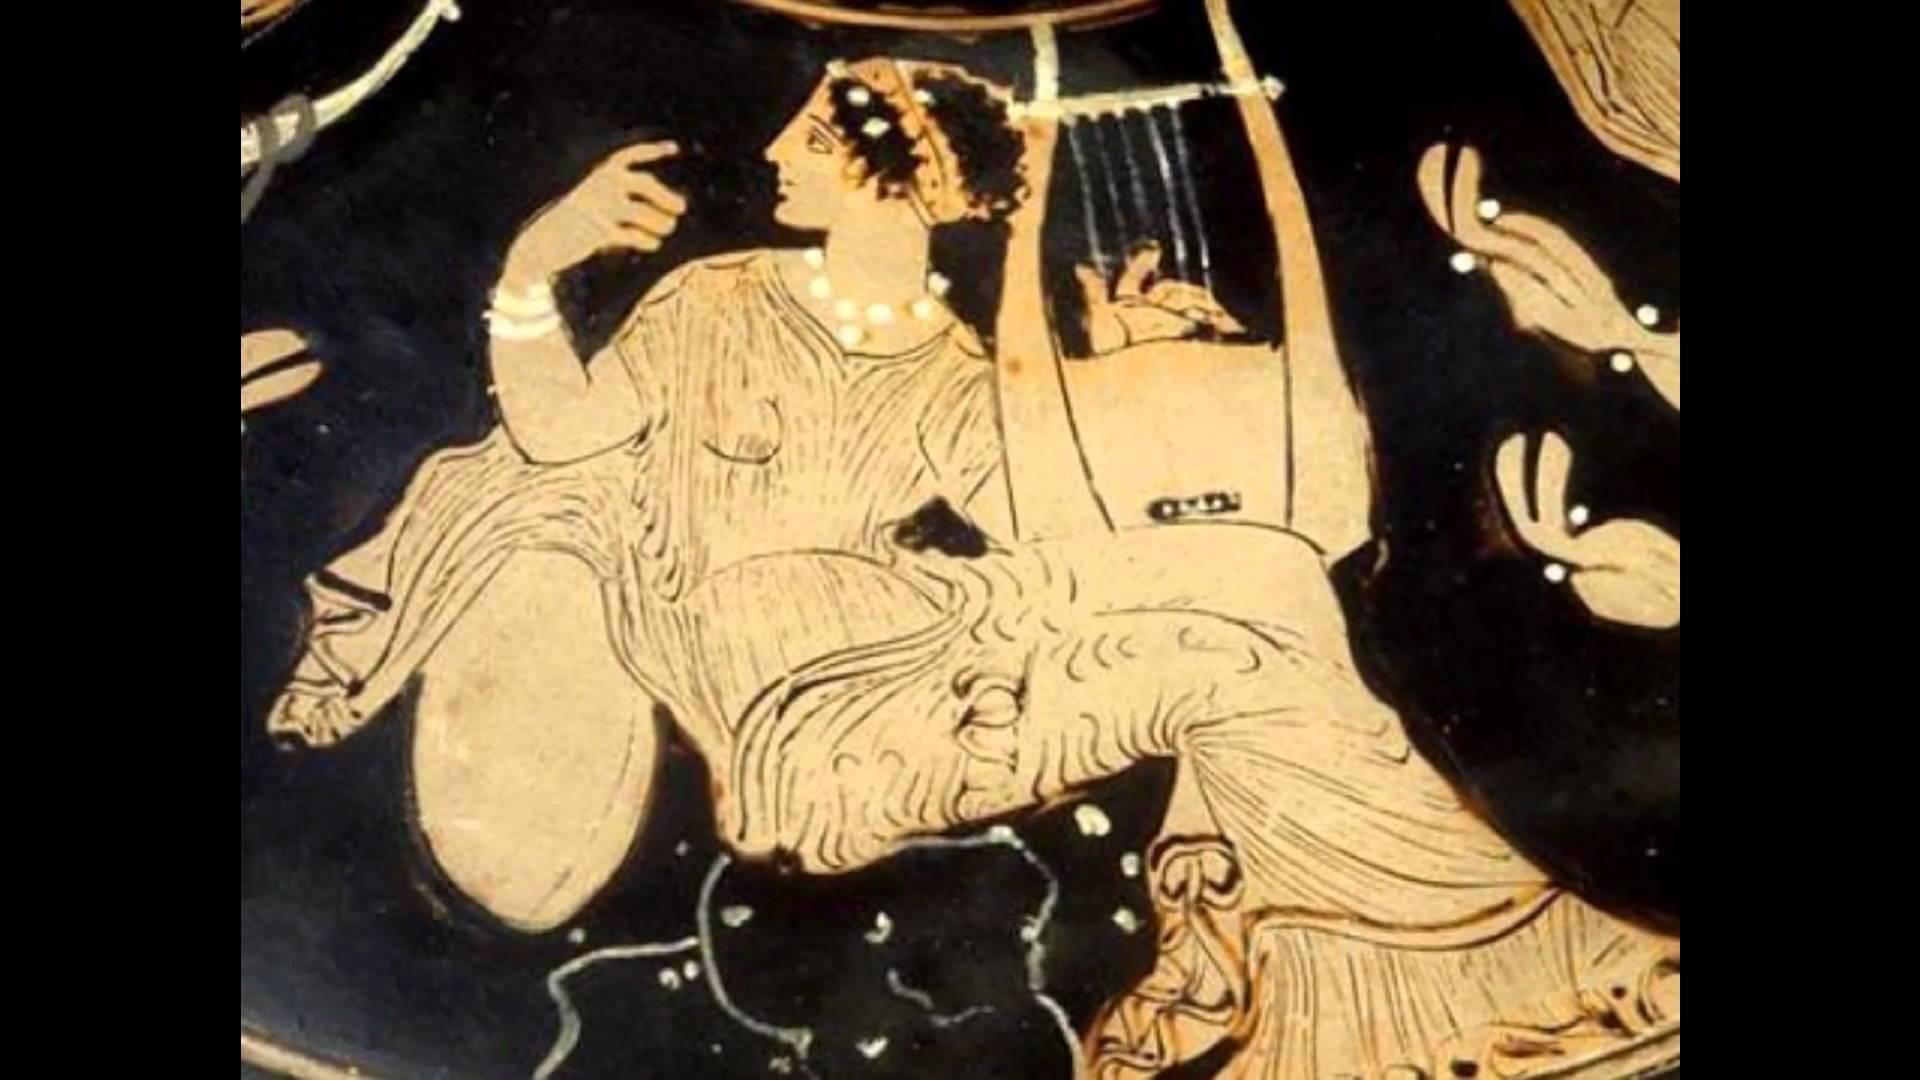 muzika kao nadilaženje dualizma osjetilnog i mislivog? (ulomak iz Marko Tokić, Platon i Plotin o glazbi)